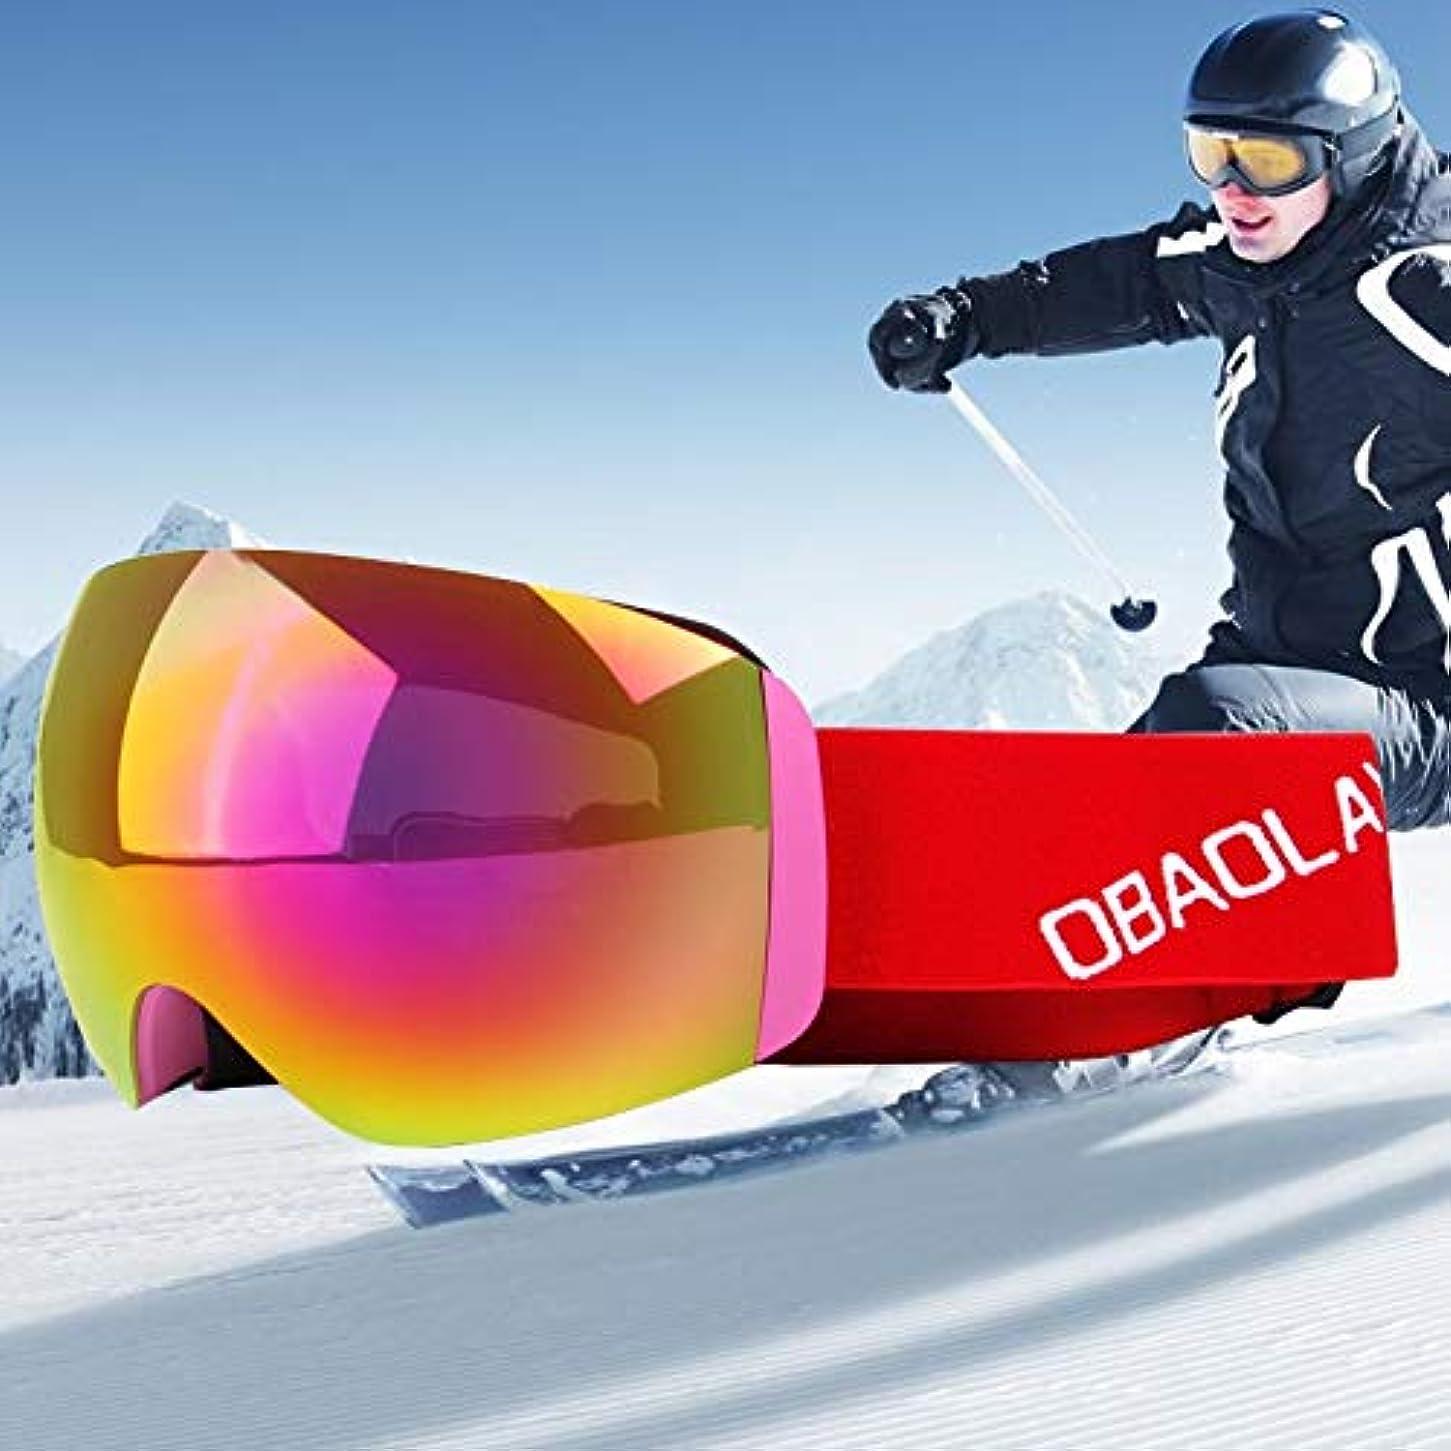 下線ネクタイ威するDiffomatealliance Glasses メガネH011ユニセックスデュアルレイヤーワイドビュー防曇防風UVプロテクション調整可能ストラップ付き球面ゴーグル(ホワイト+カラフル+レッド)